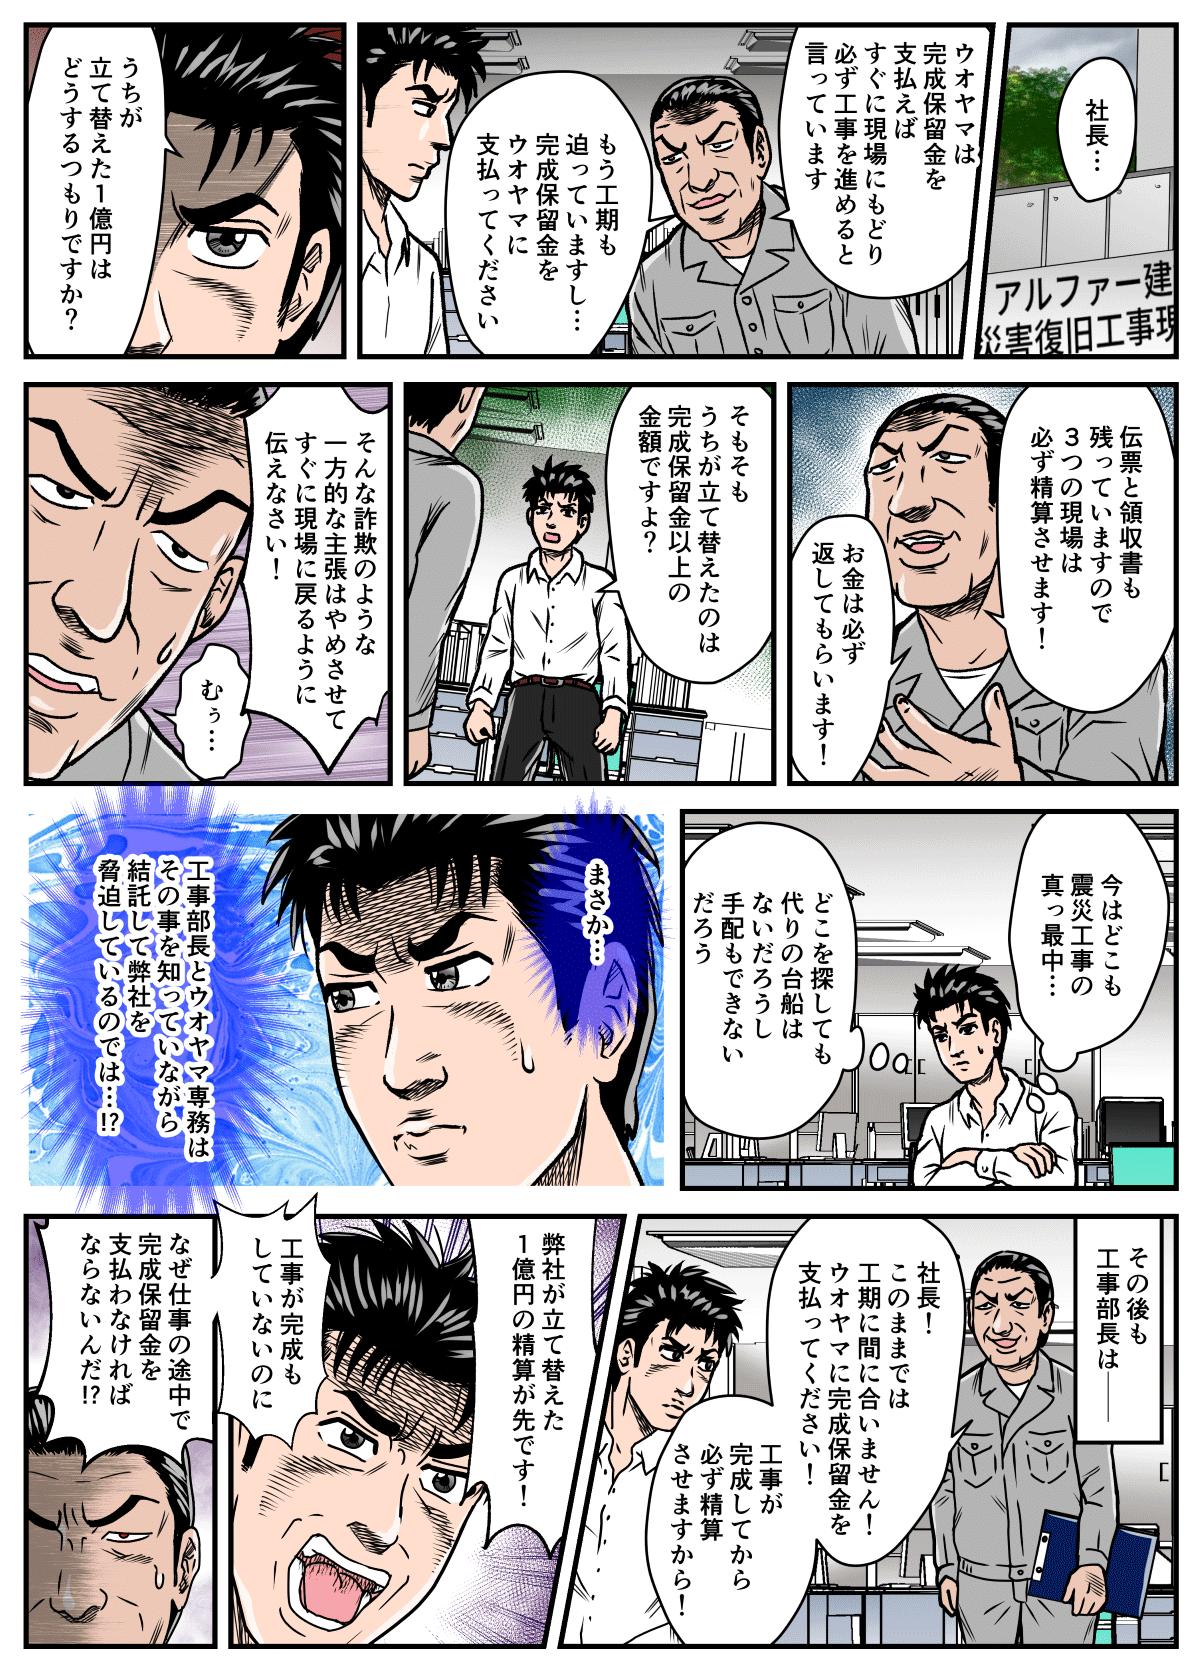 uoyama02_01